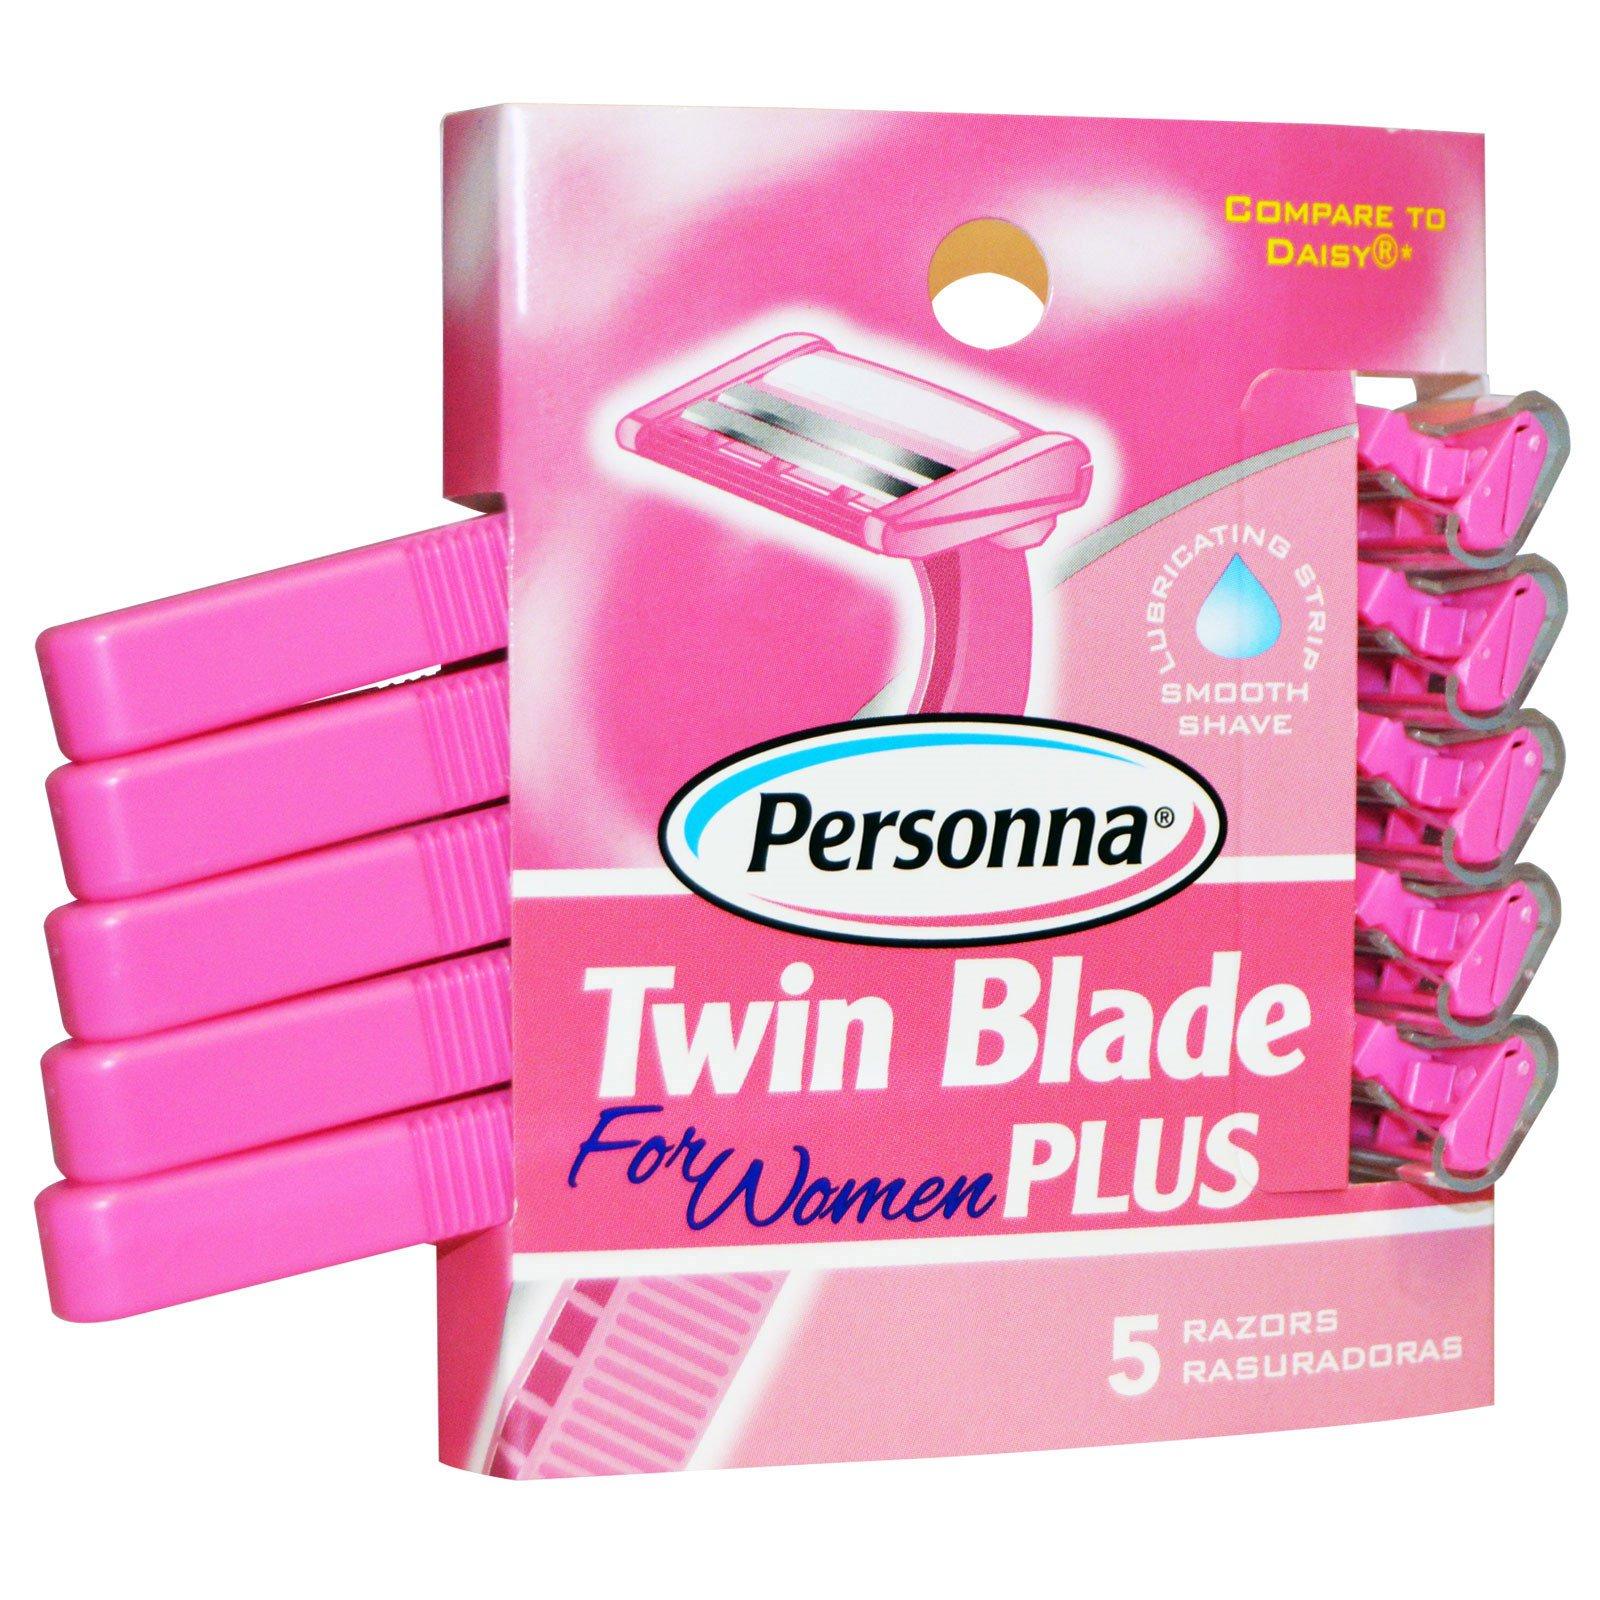 Personna Razor Blades, Двойное лезвие плюс, для женщин, 5 бритв